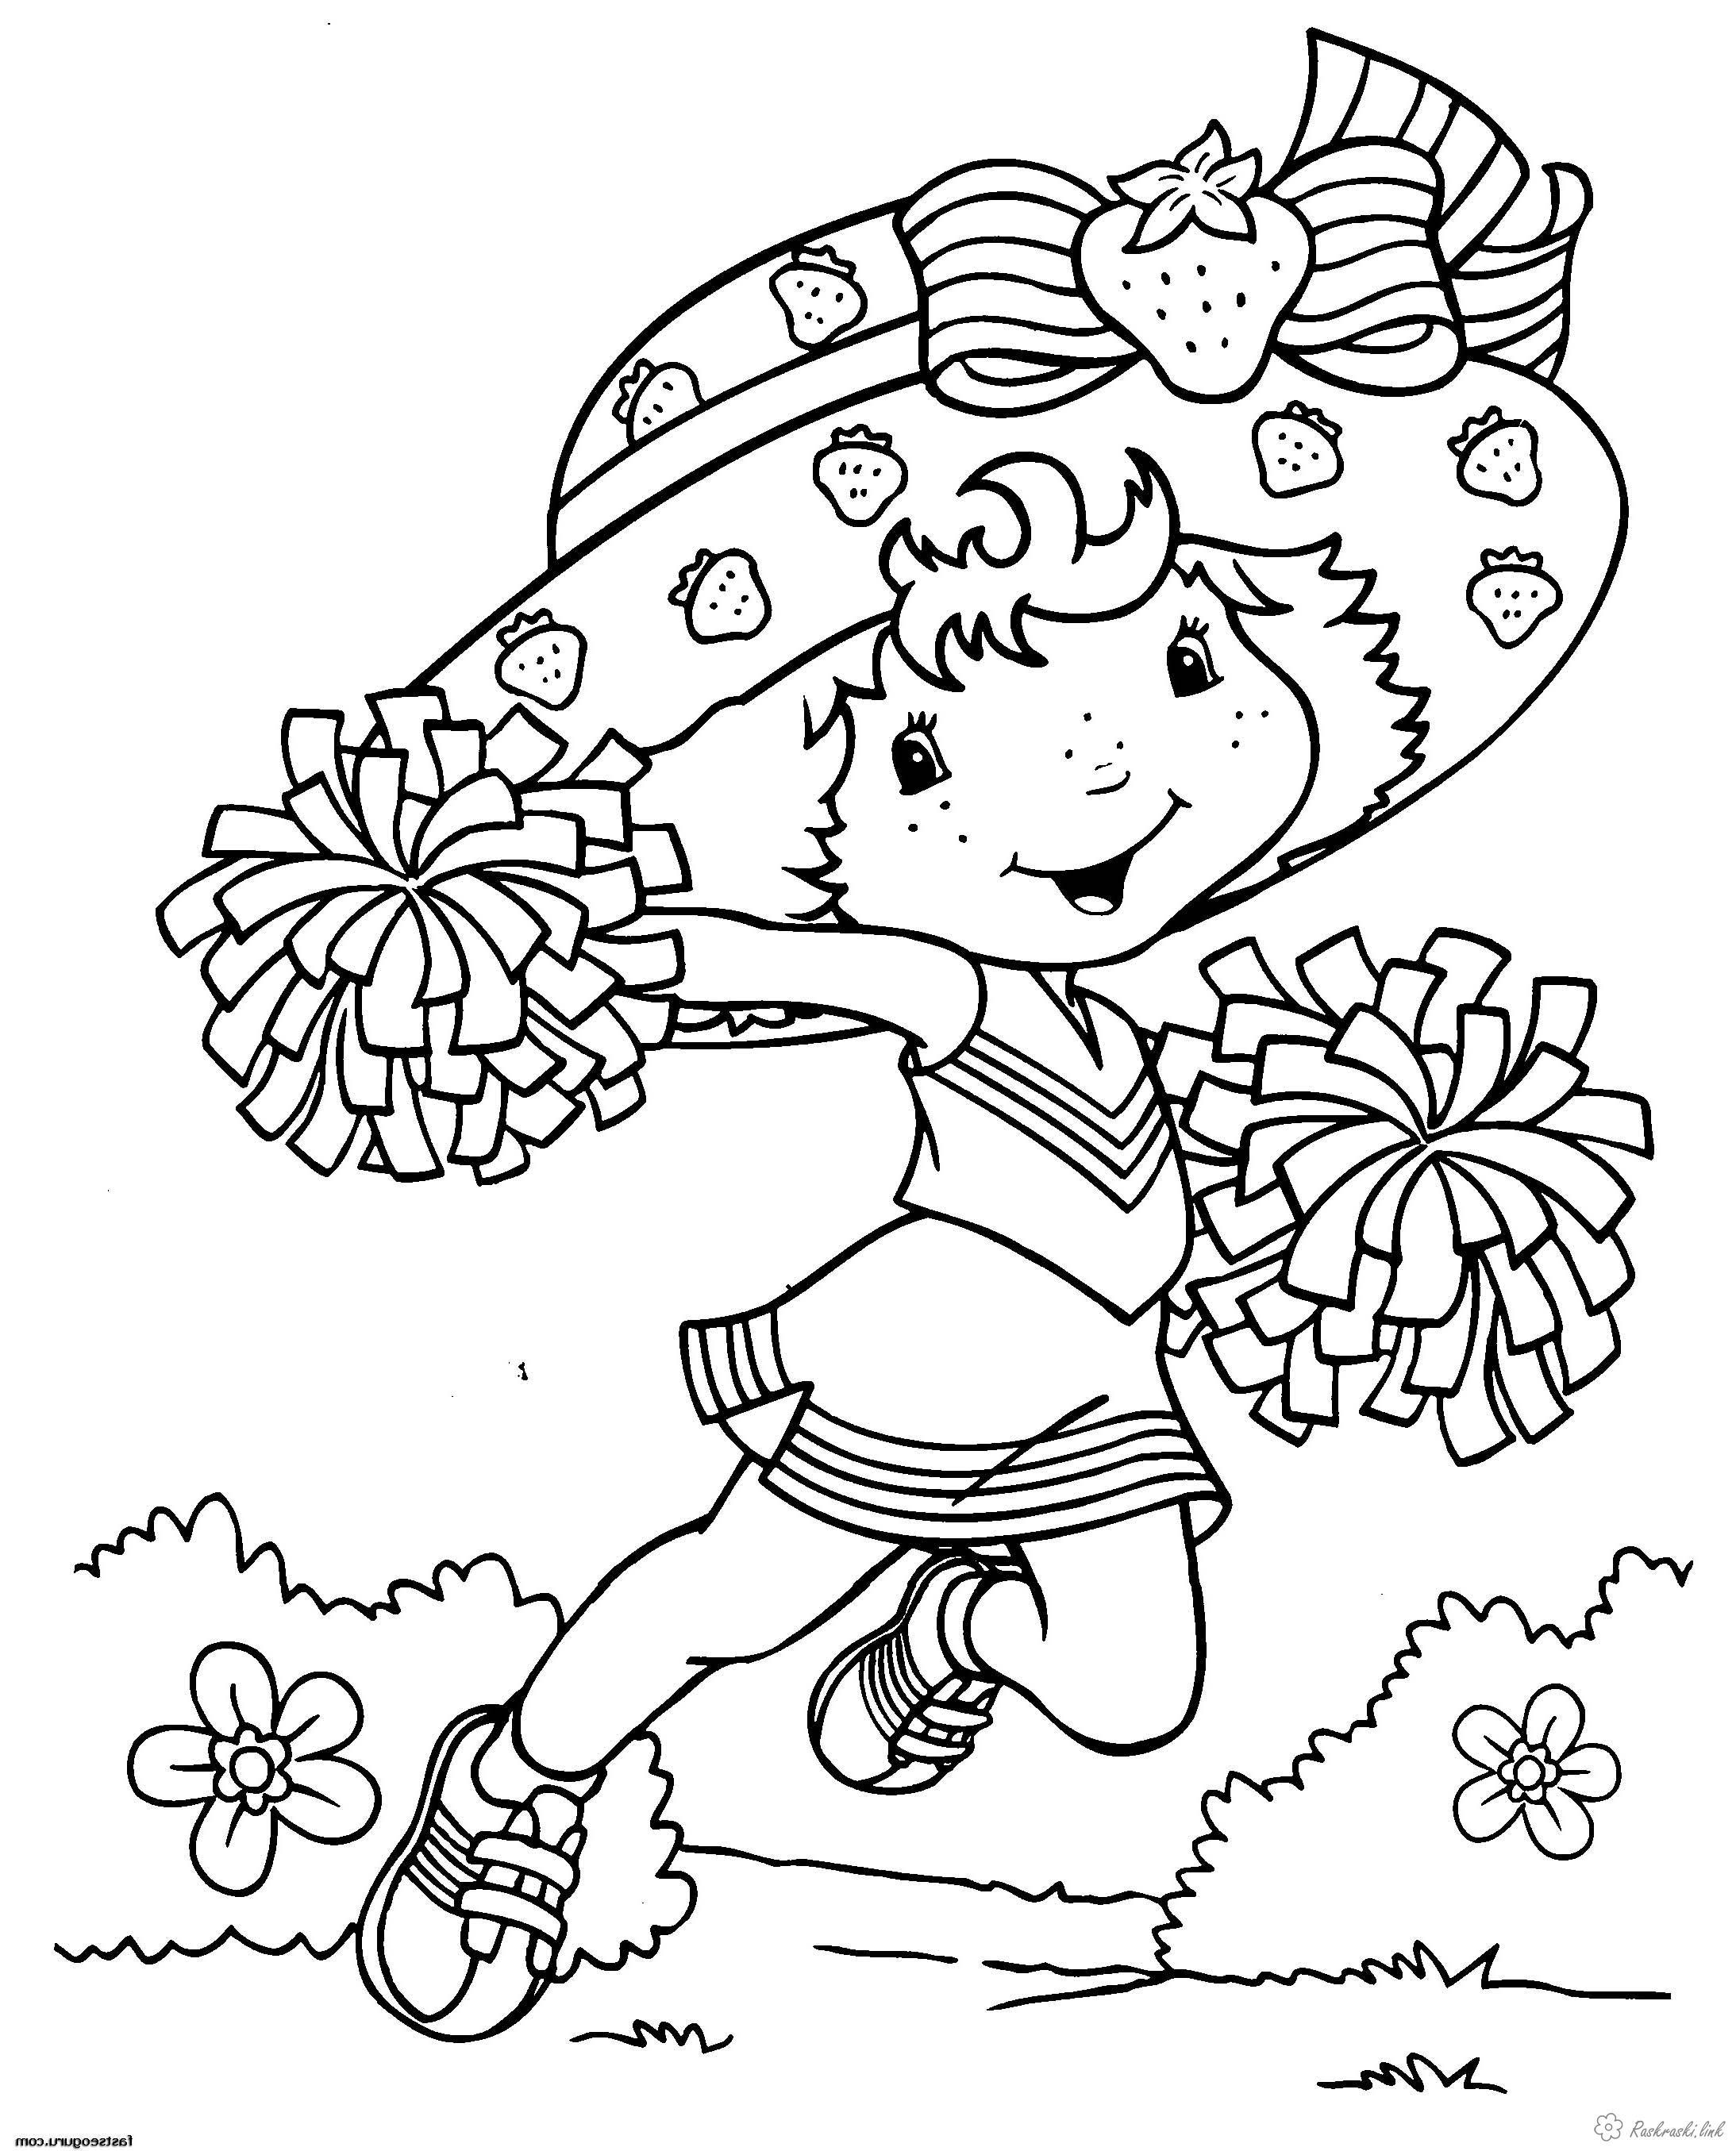 Розмальовки дівчинка Дитяча розмальовка дівчинка з групи підтримки